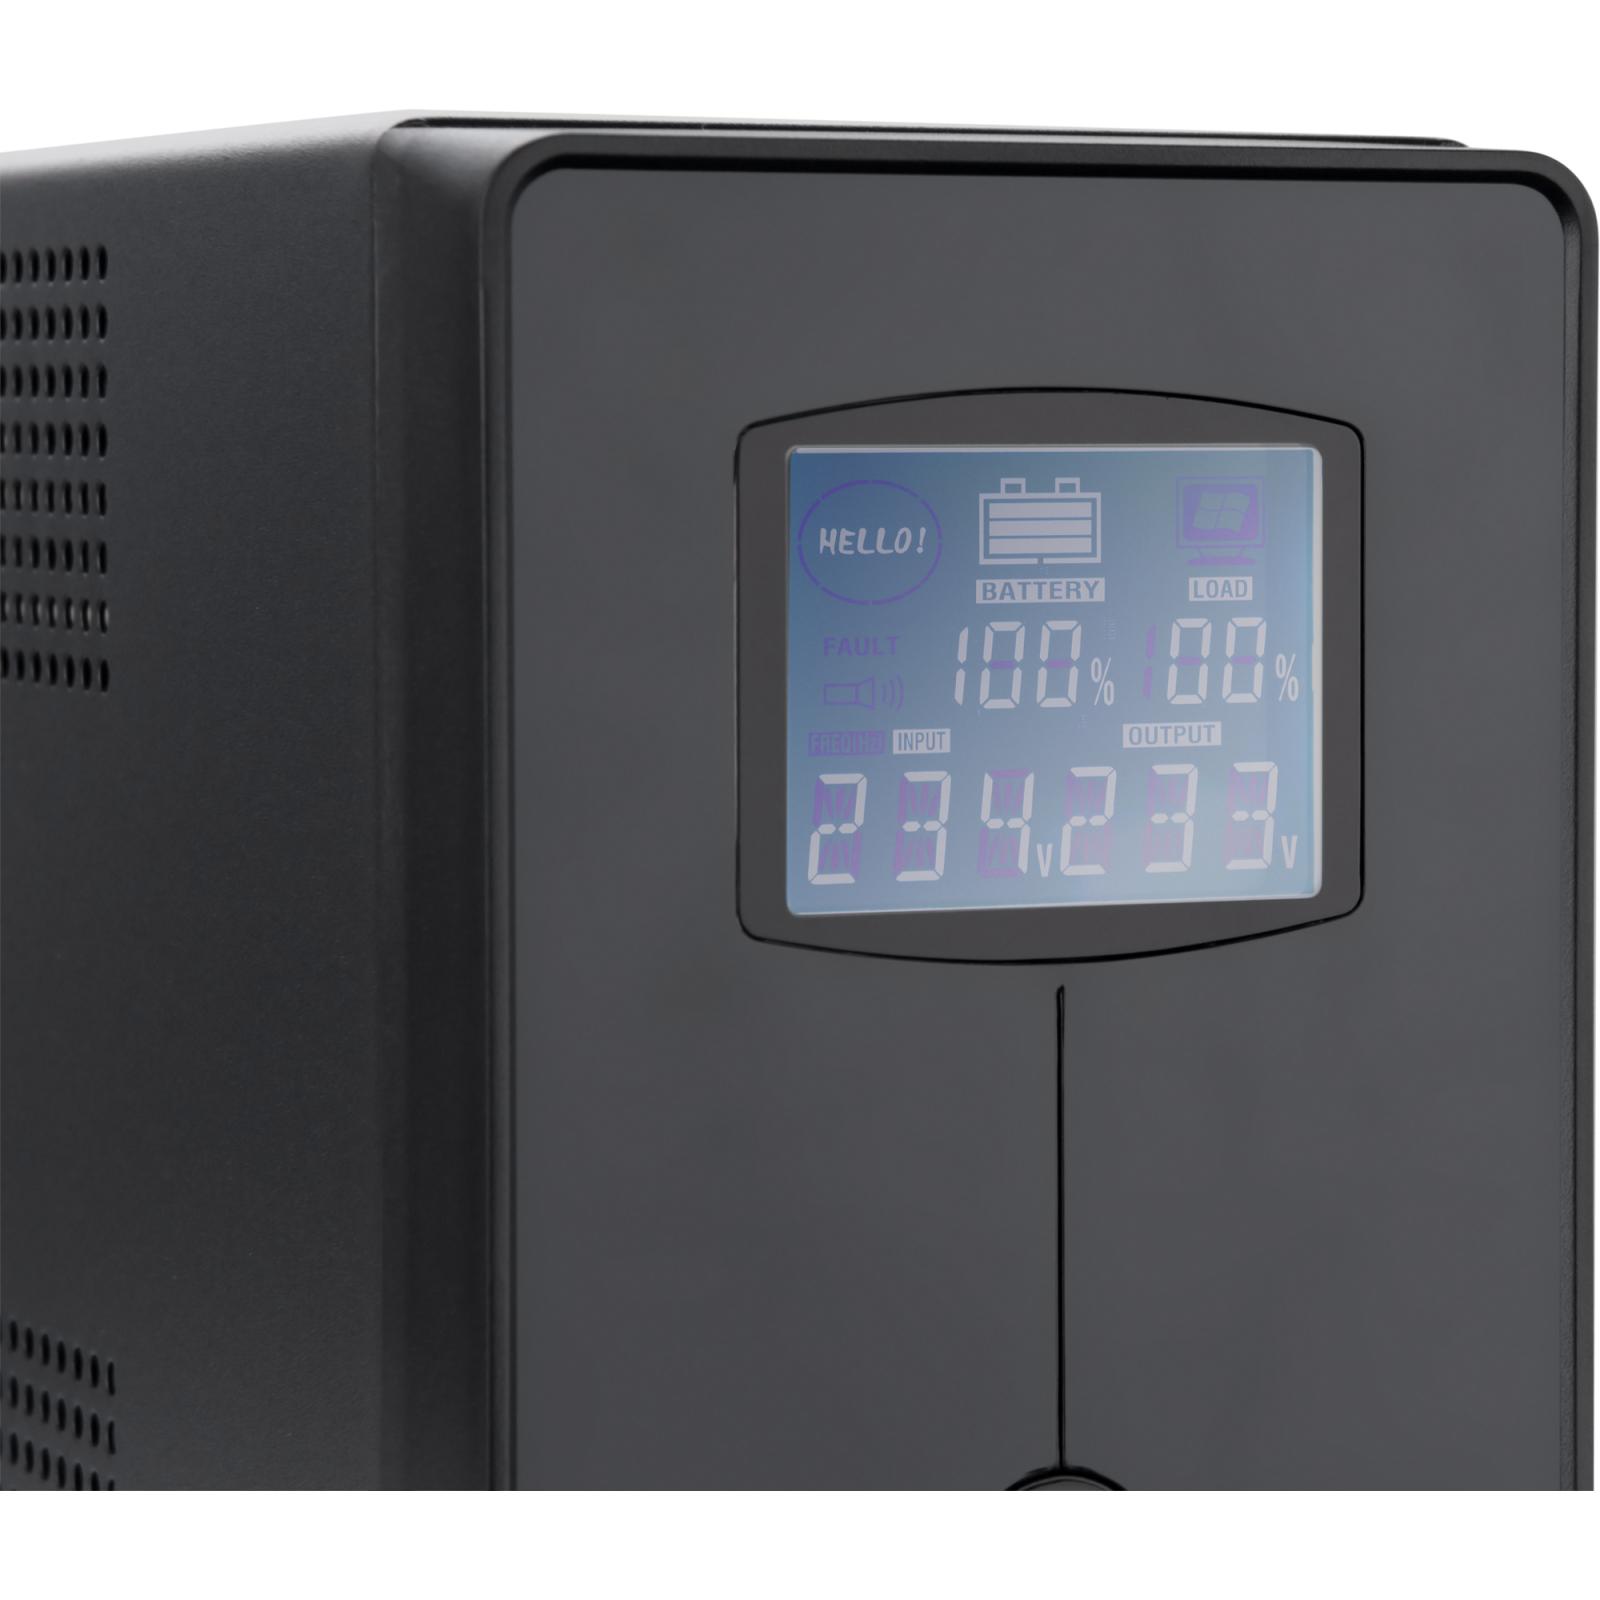 Источник бесперебойного питания Vinga LCD 2000VA metall case (VPC-2000M) изображение 5